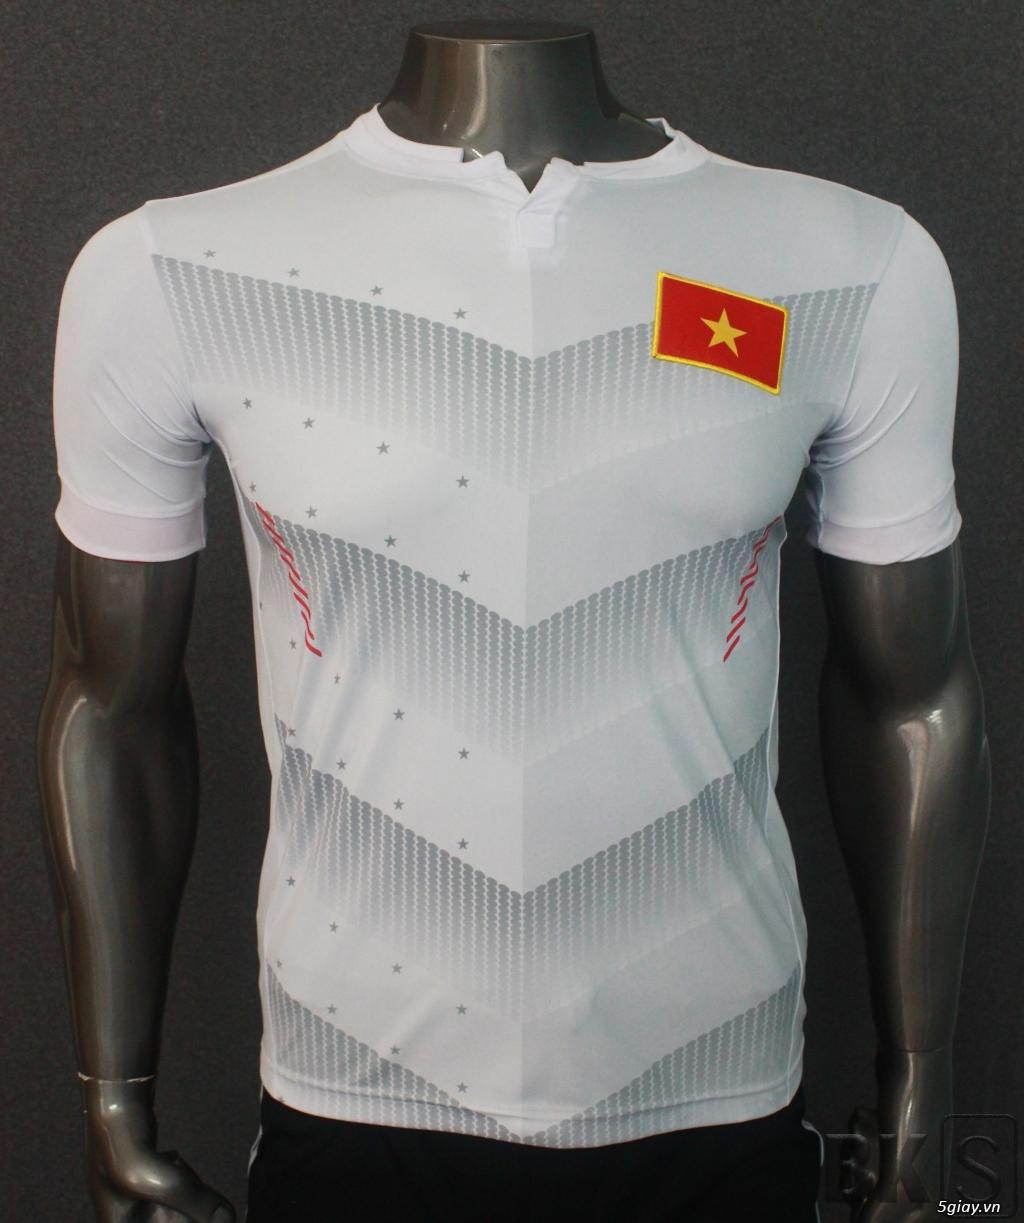 Áo bóng đá HP-địa chỉ gốc sản xuất trang phục thể thao số 1 Việt Nam - 4